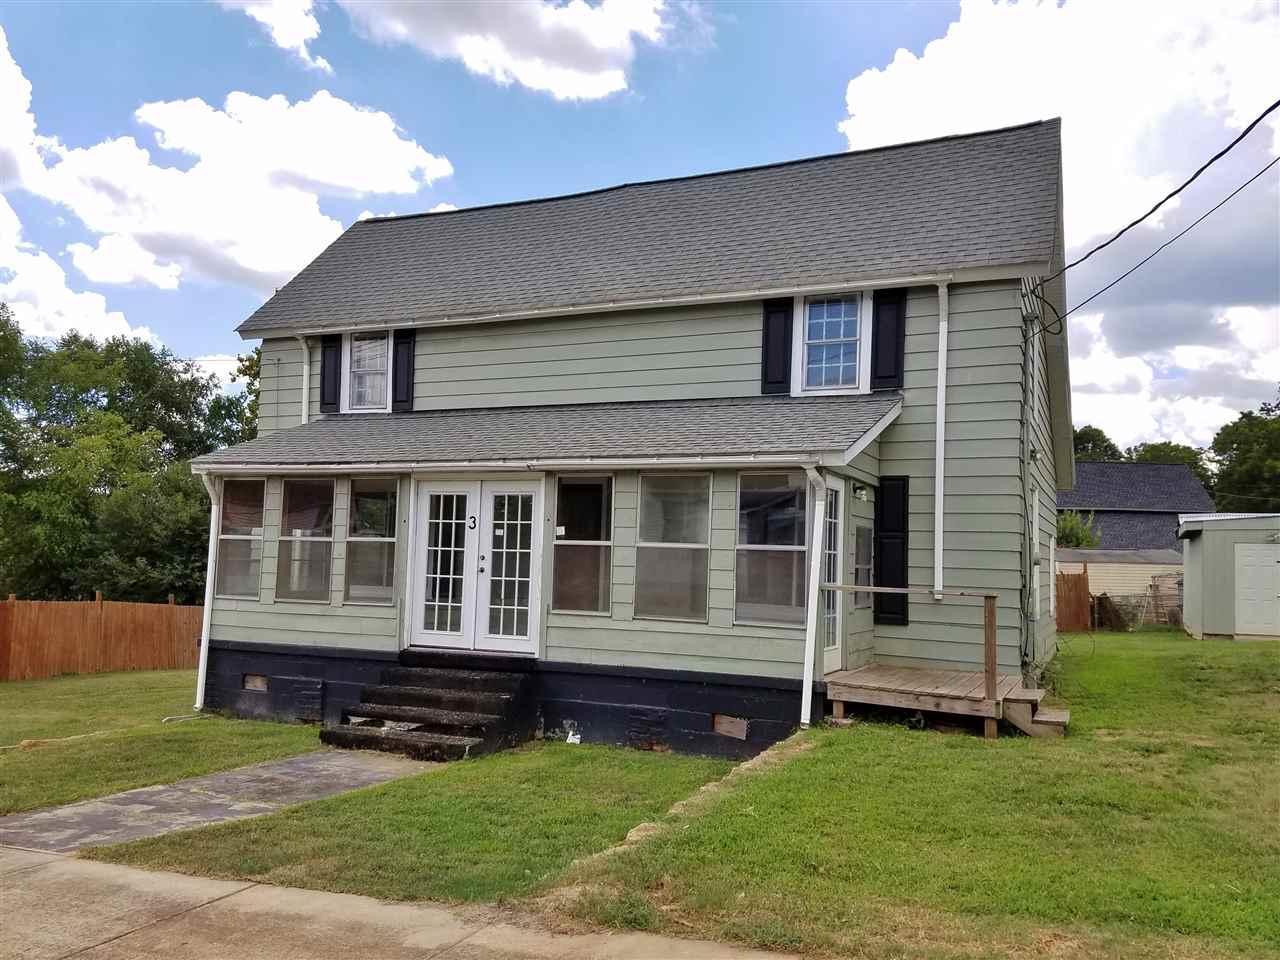 3 Smythe St, Pelzer, SC 29669 (MLS #20179018) :: Les Walden Real Estate